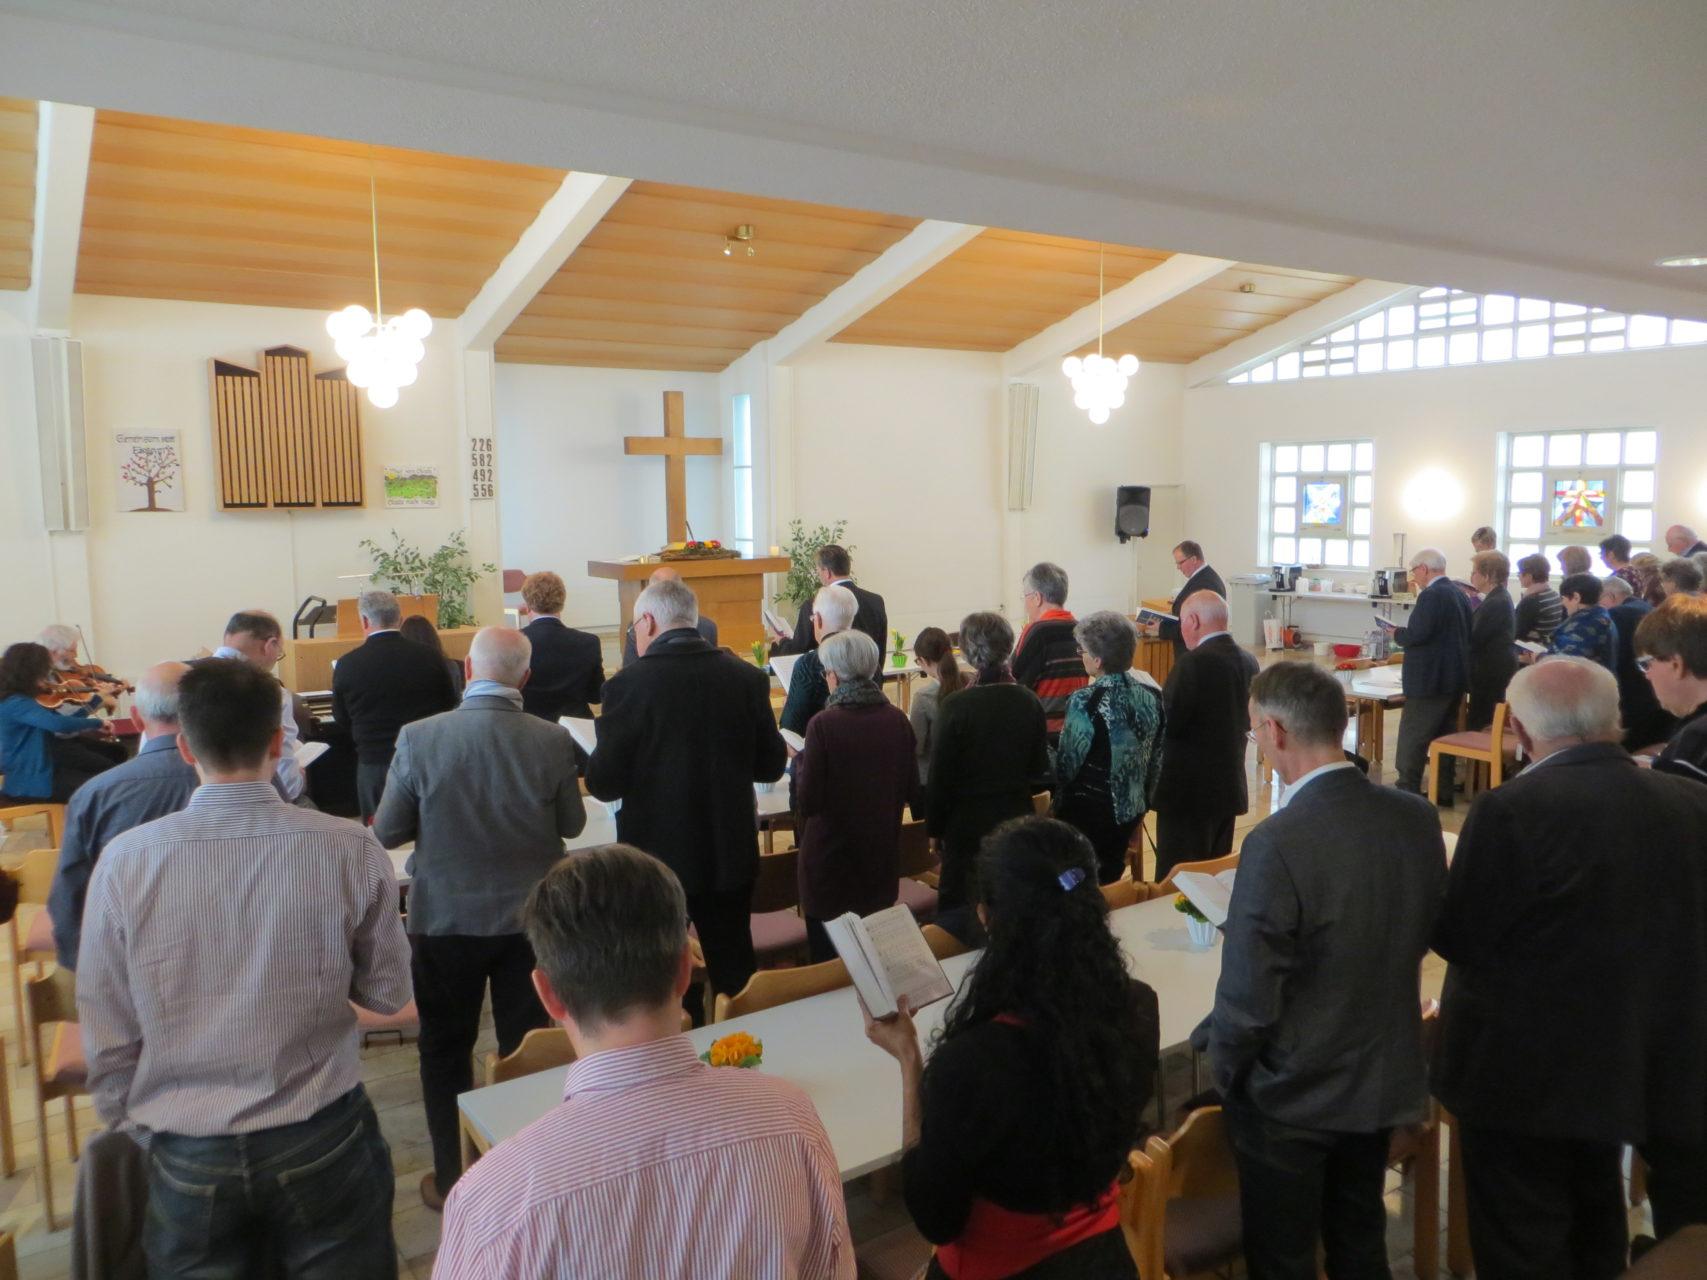 Kurzgottesdienst vor der Mitgliederversammlung